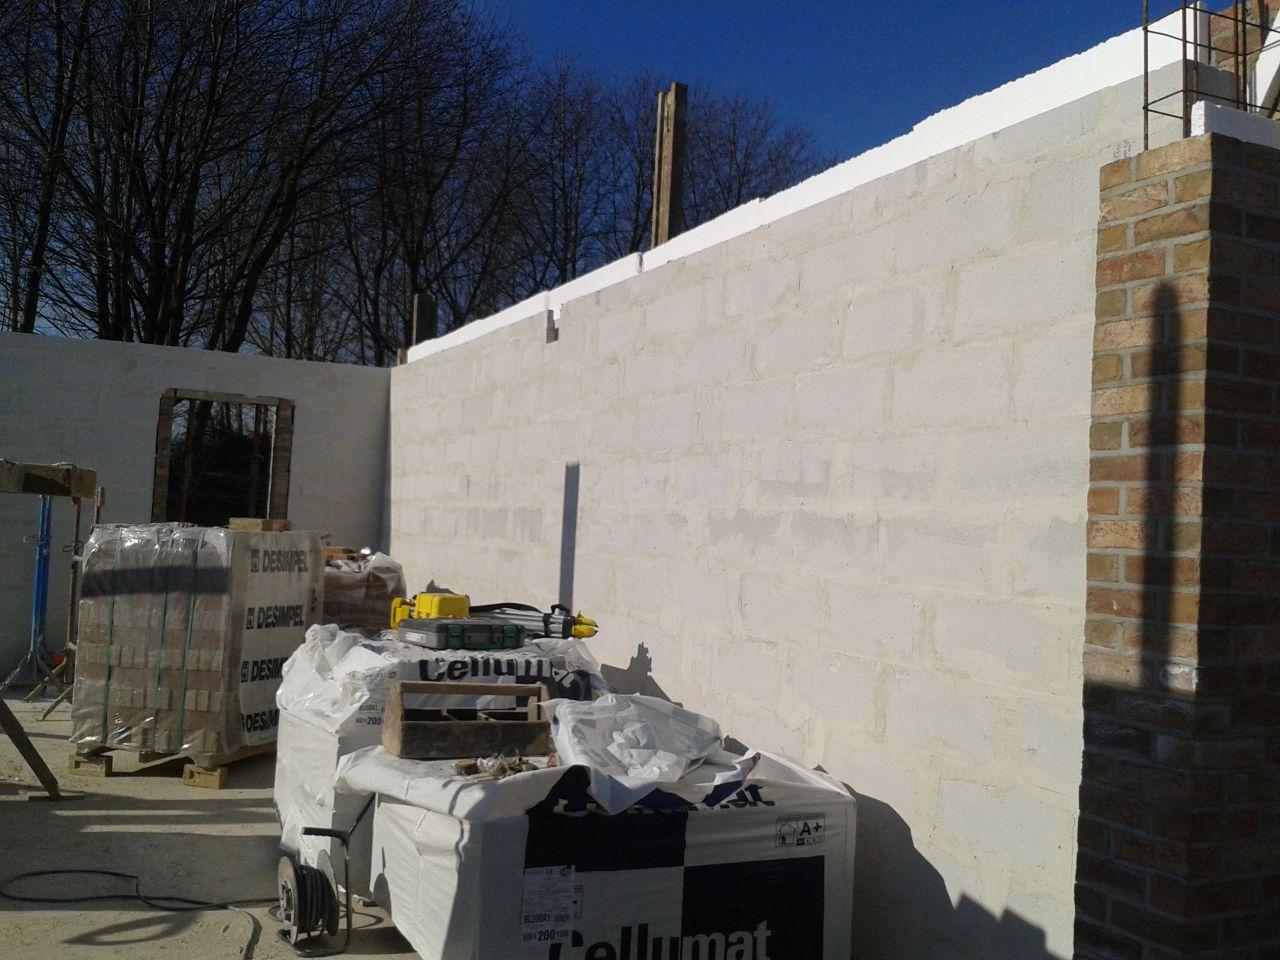 mur cellumat côté garage super les ouvriers